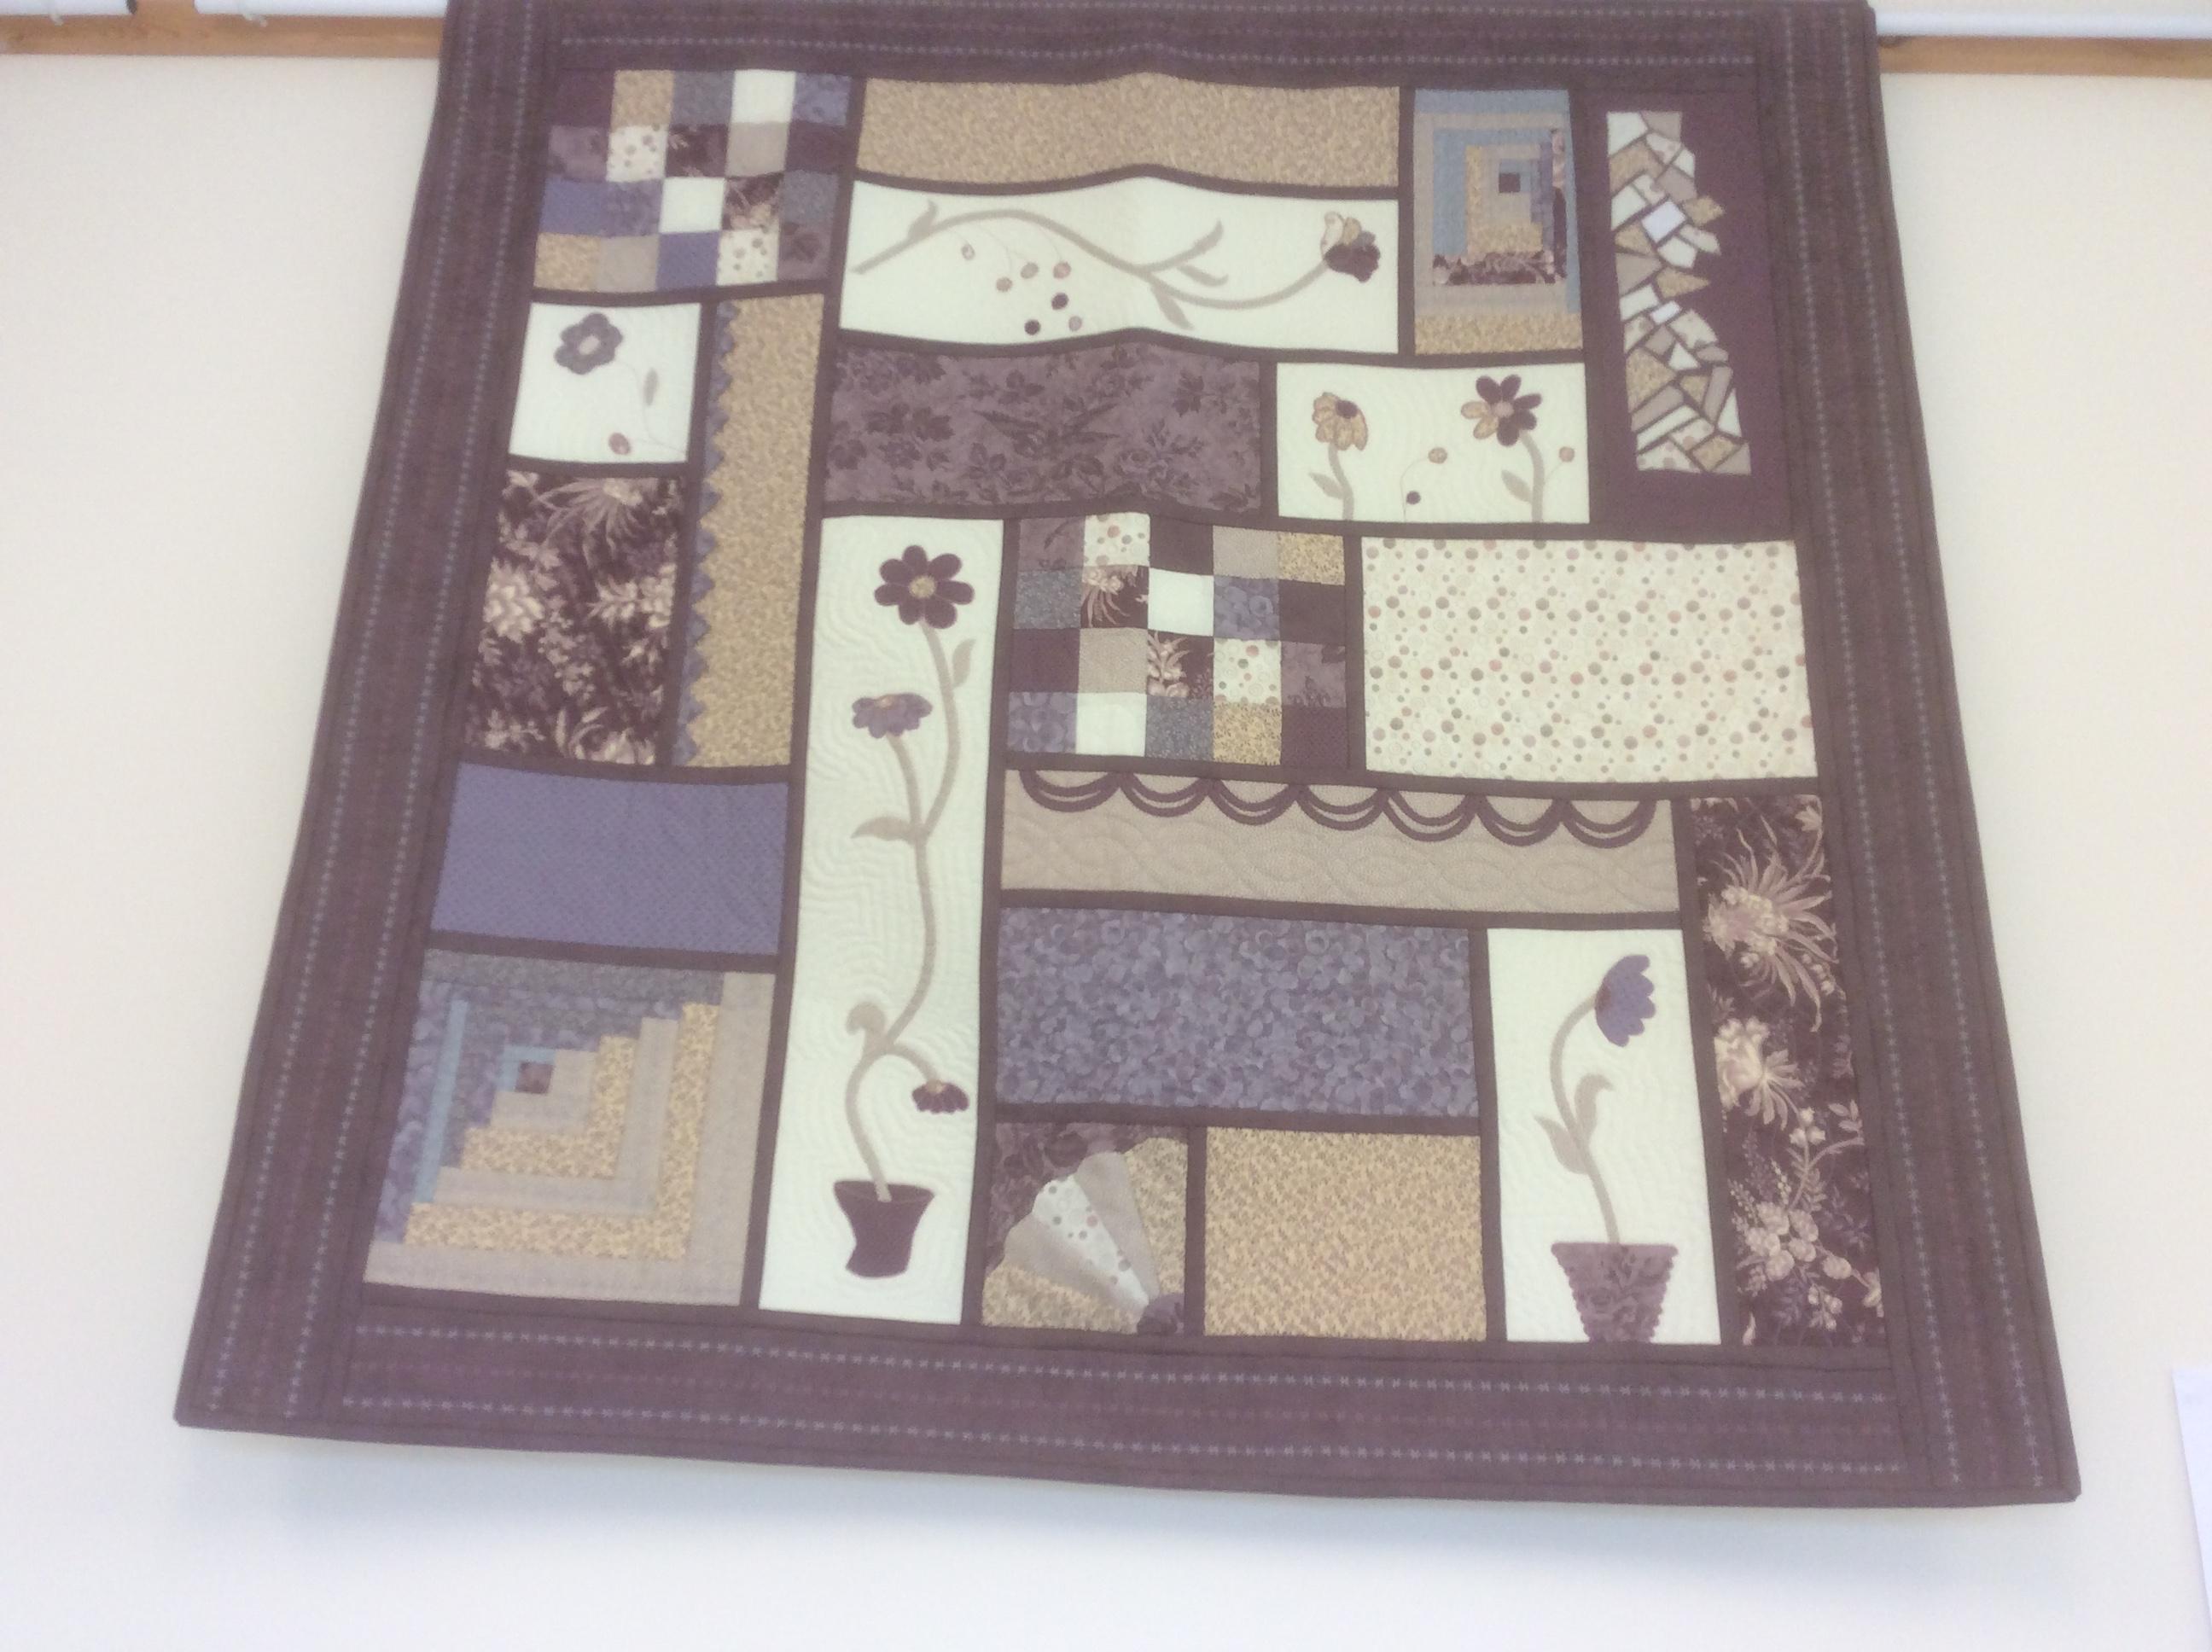 Ann's gorgeous quilt